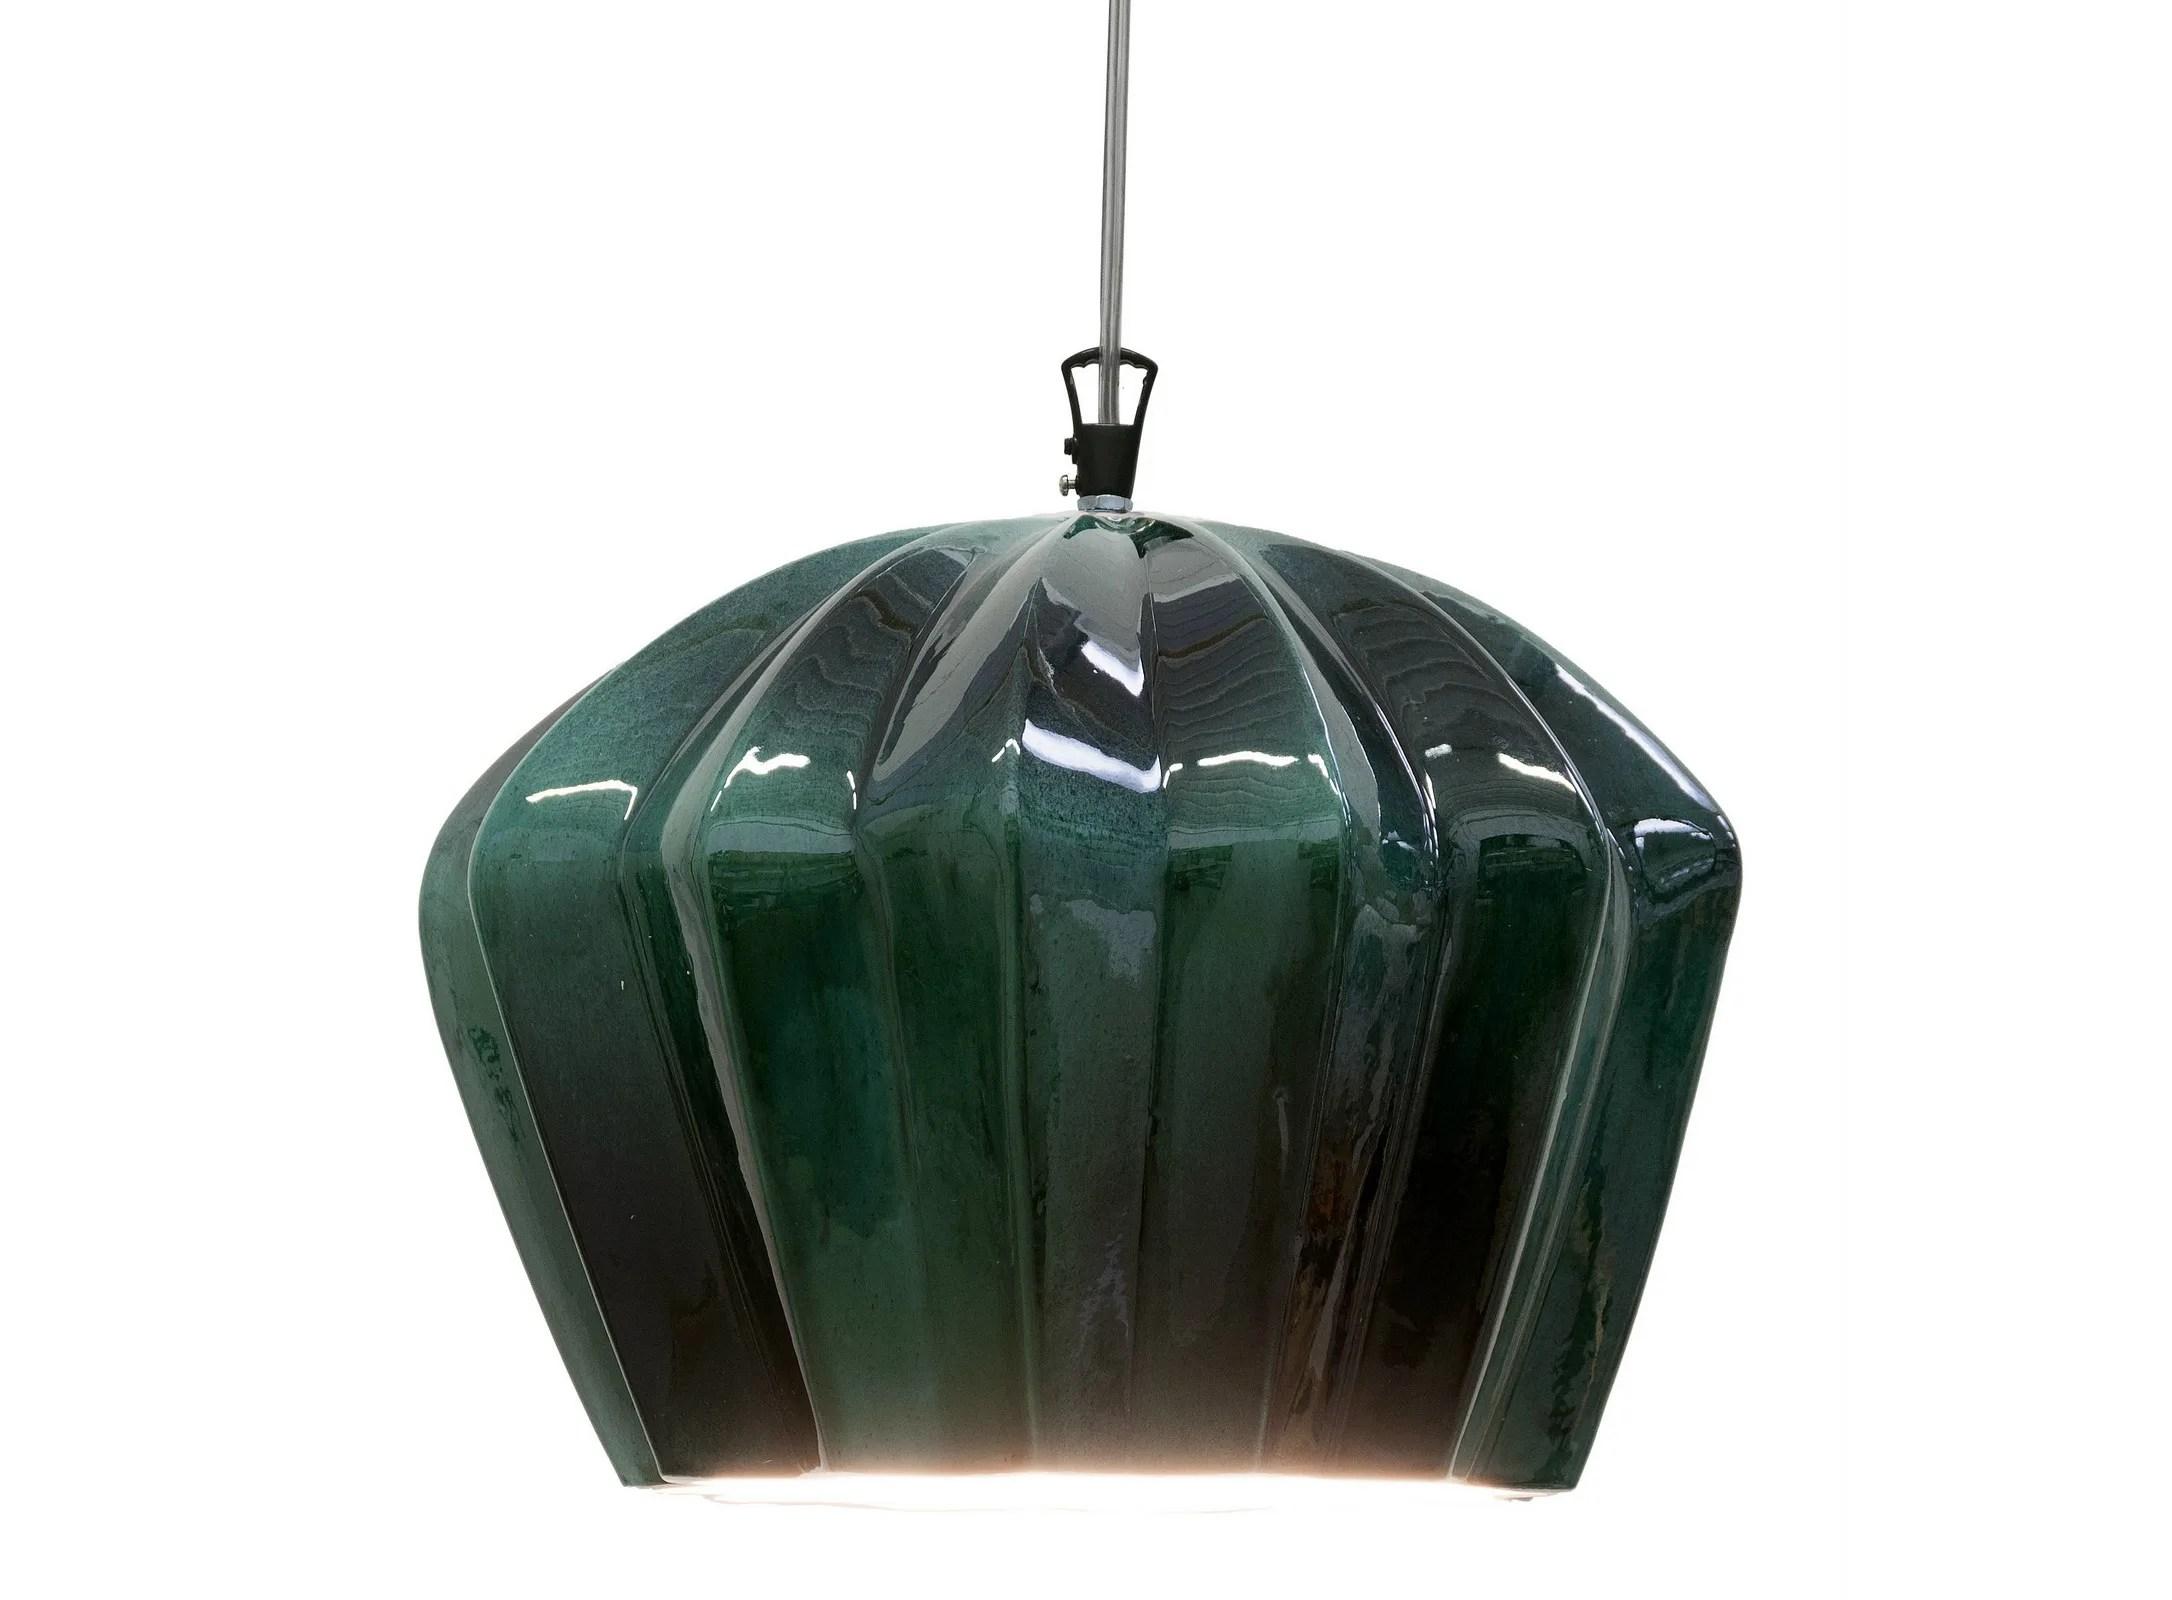 Plafoniere Obi Modena : Lampadari a sospensione brico set 3 lampadine led e27 11 5 w